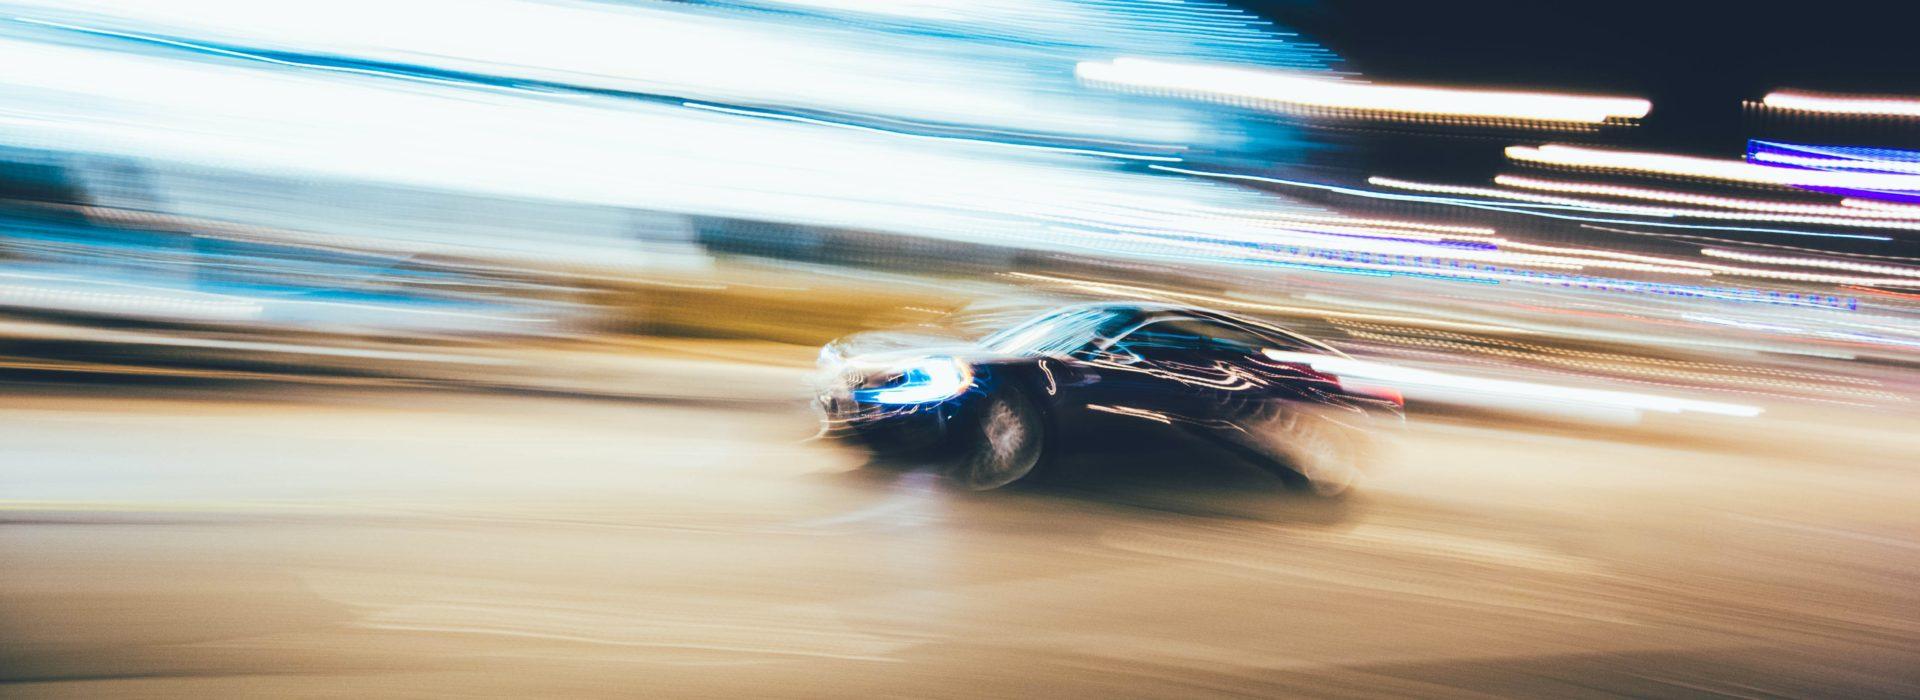 Wyjazdy integracyjne, imprezy firmowe i prywatne na torze wyścigowym – jakie atrakcje Cię tam czekają?